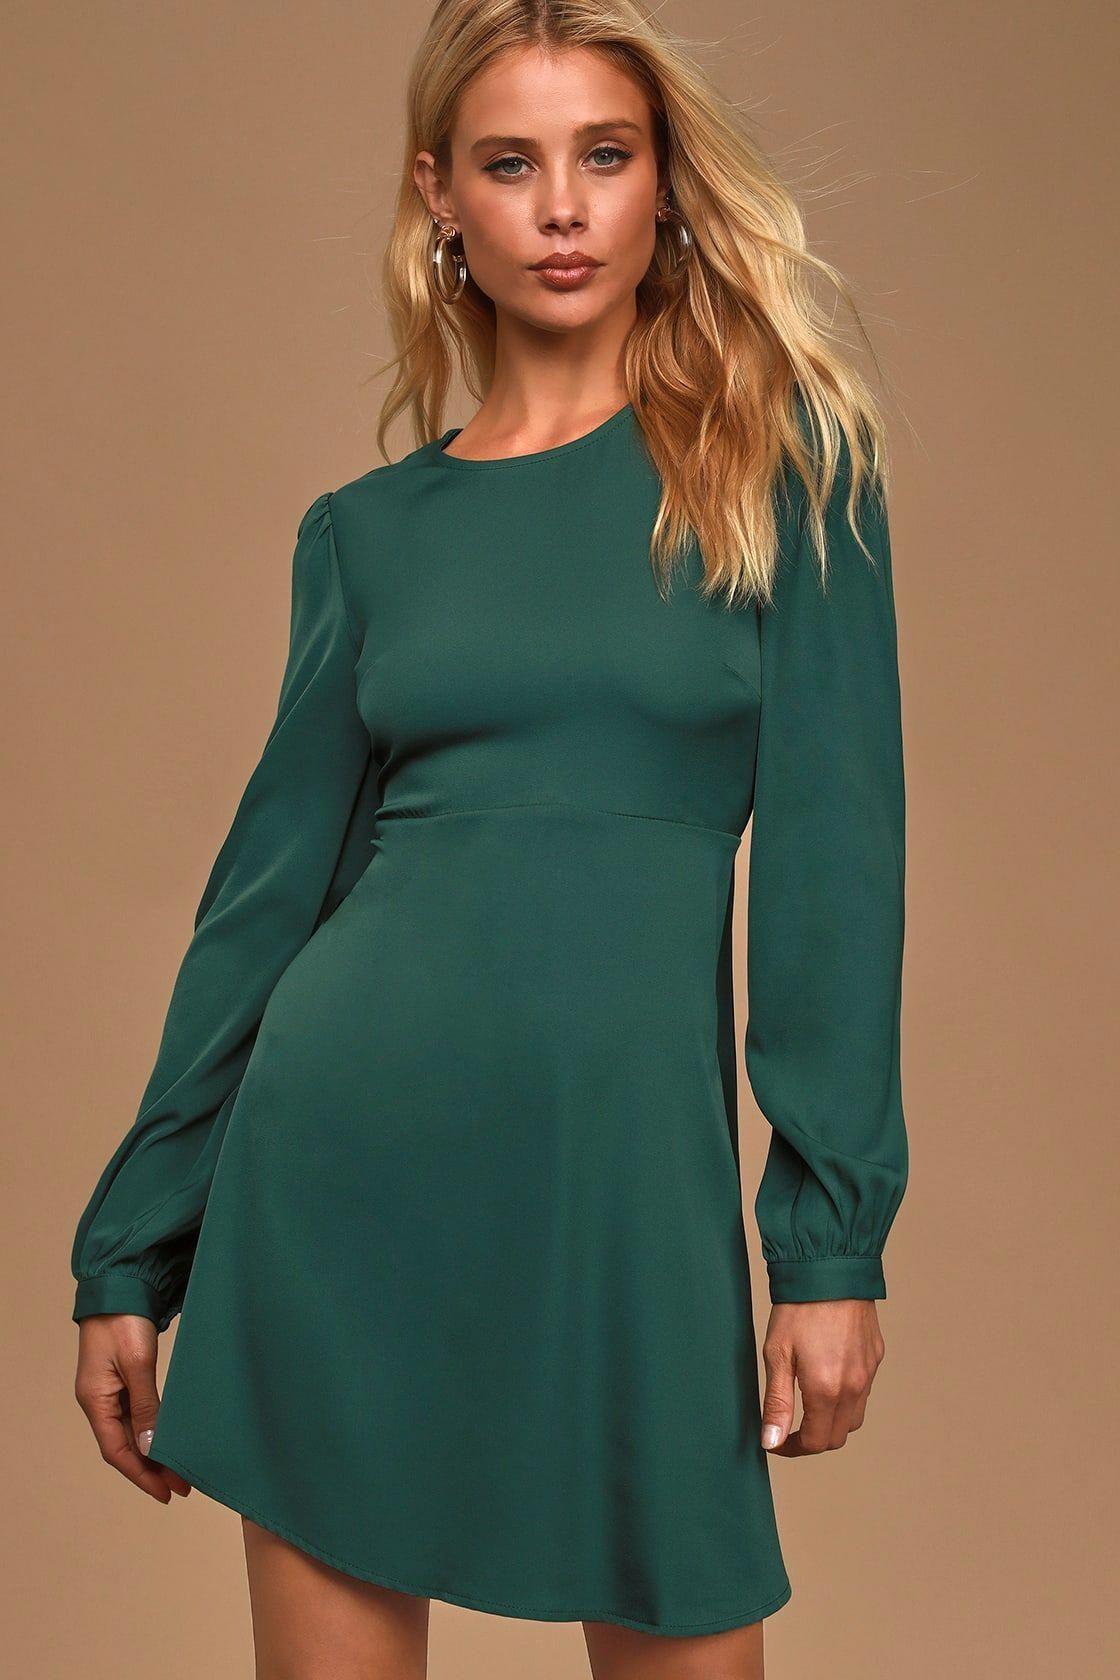 Cute Mini Dress Hunter Green Dress Long Sleeve Dress Goldhoopearringswithpearldrop Green Long Sleeve Dress Long Green Dress Long Sleeve Dress [ 1680 x 1120 Pixel ]